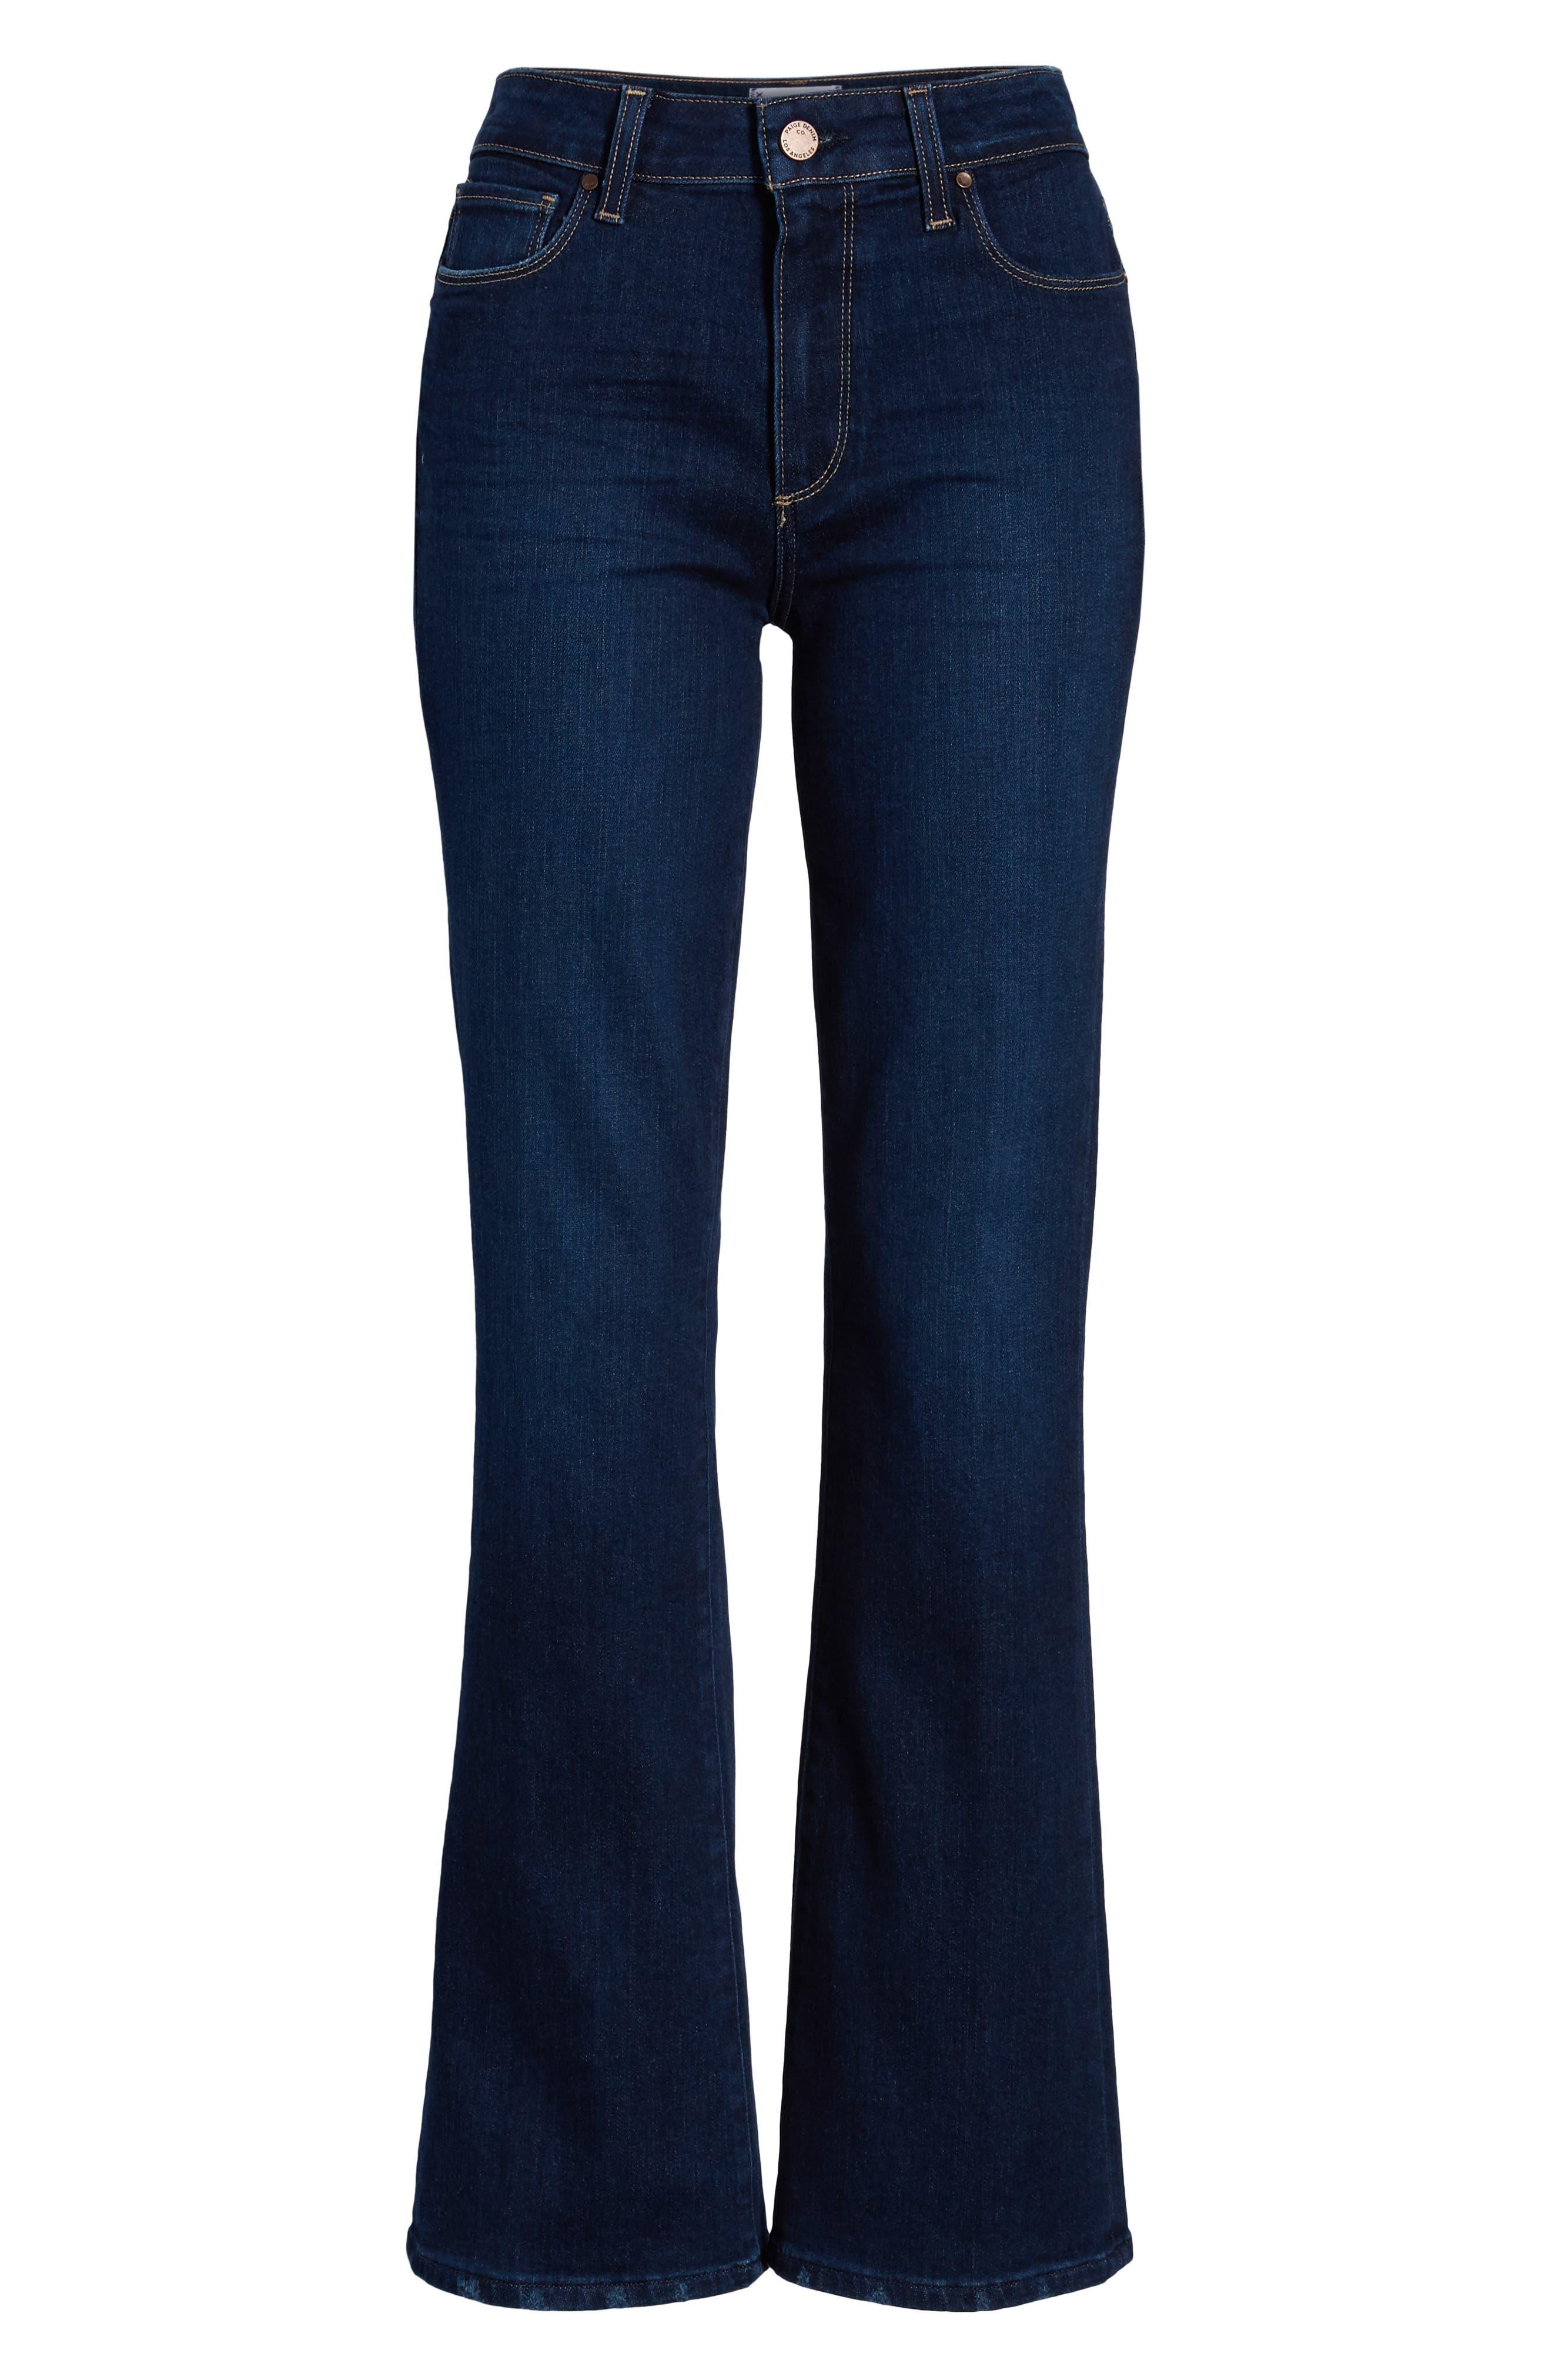 PAIGE, Transcend Vintage - Manhattan High Waist Bootcut Jeans, Alternate thumbnail 7, color, 400